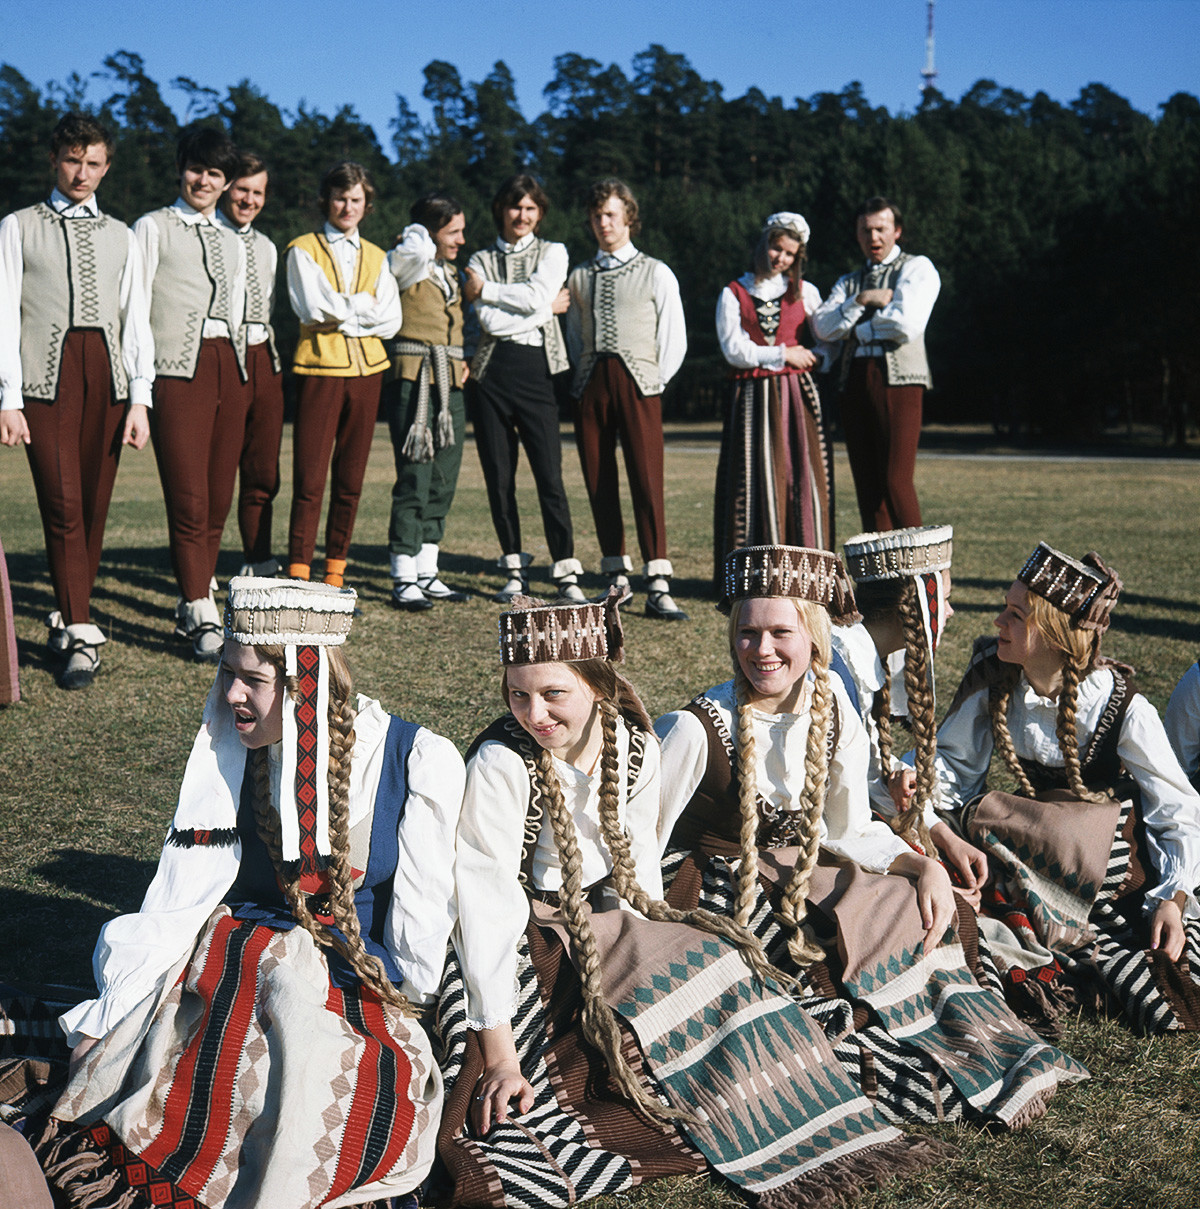 Conjunto de Música e Dança da Universidade de Vilnius, 1974